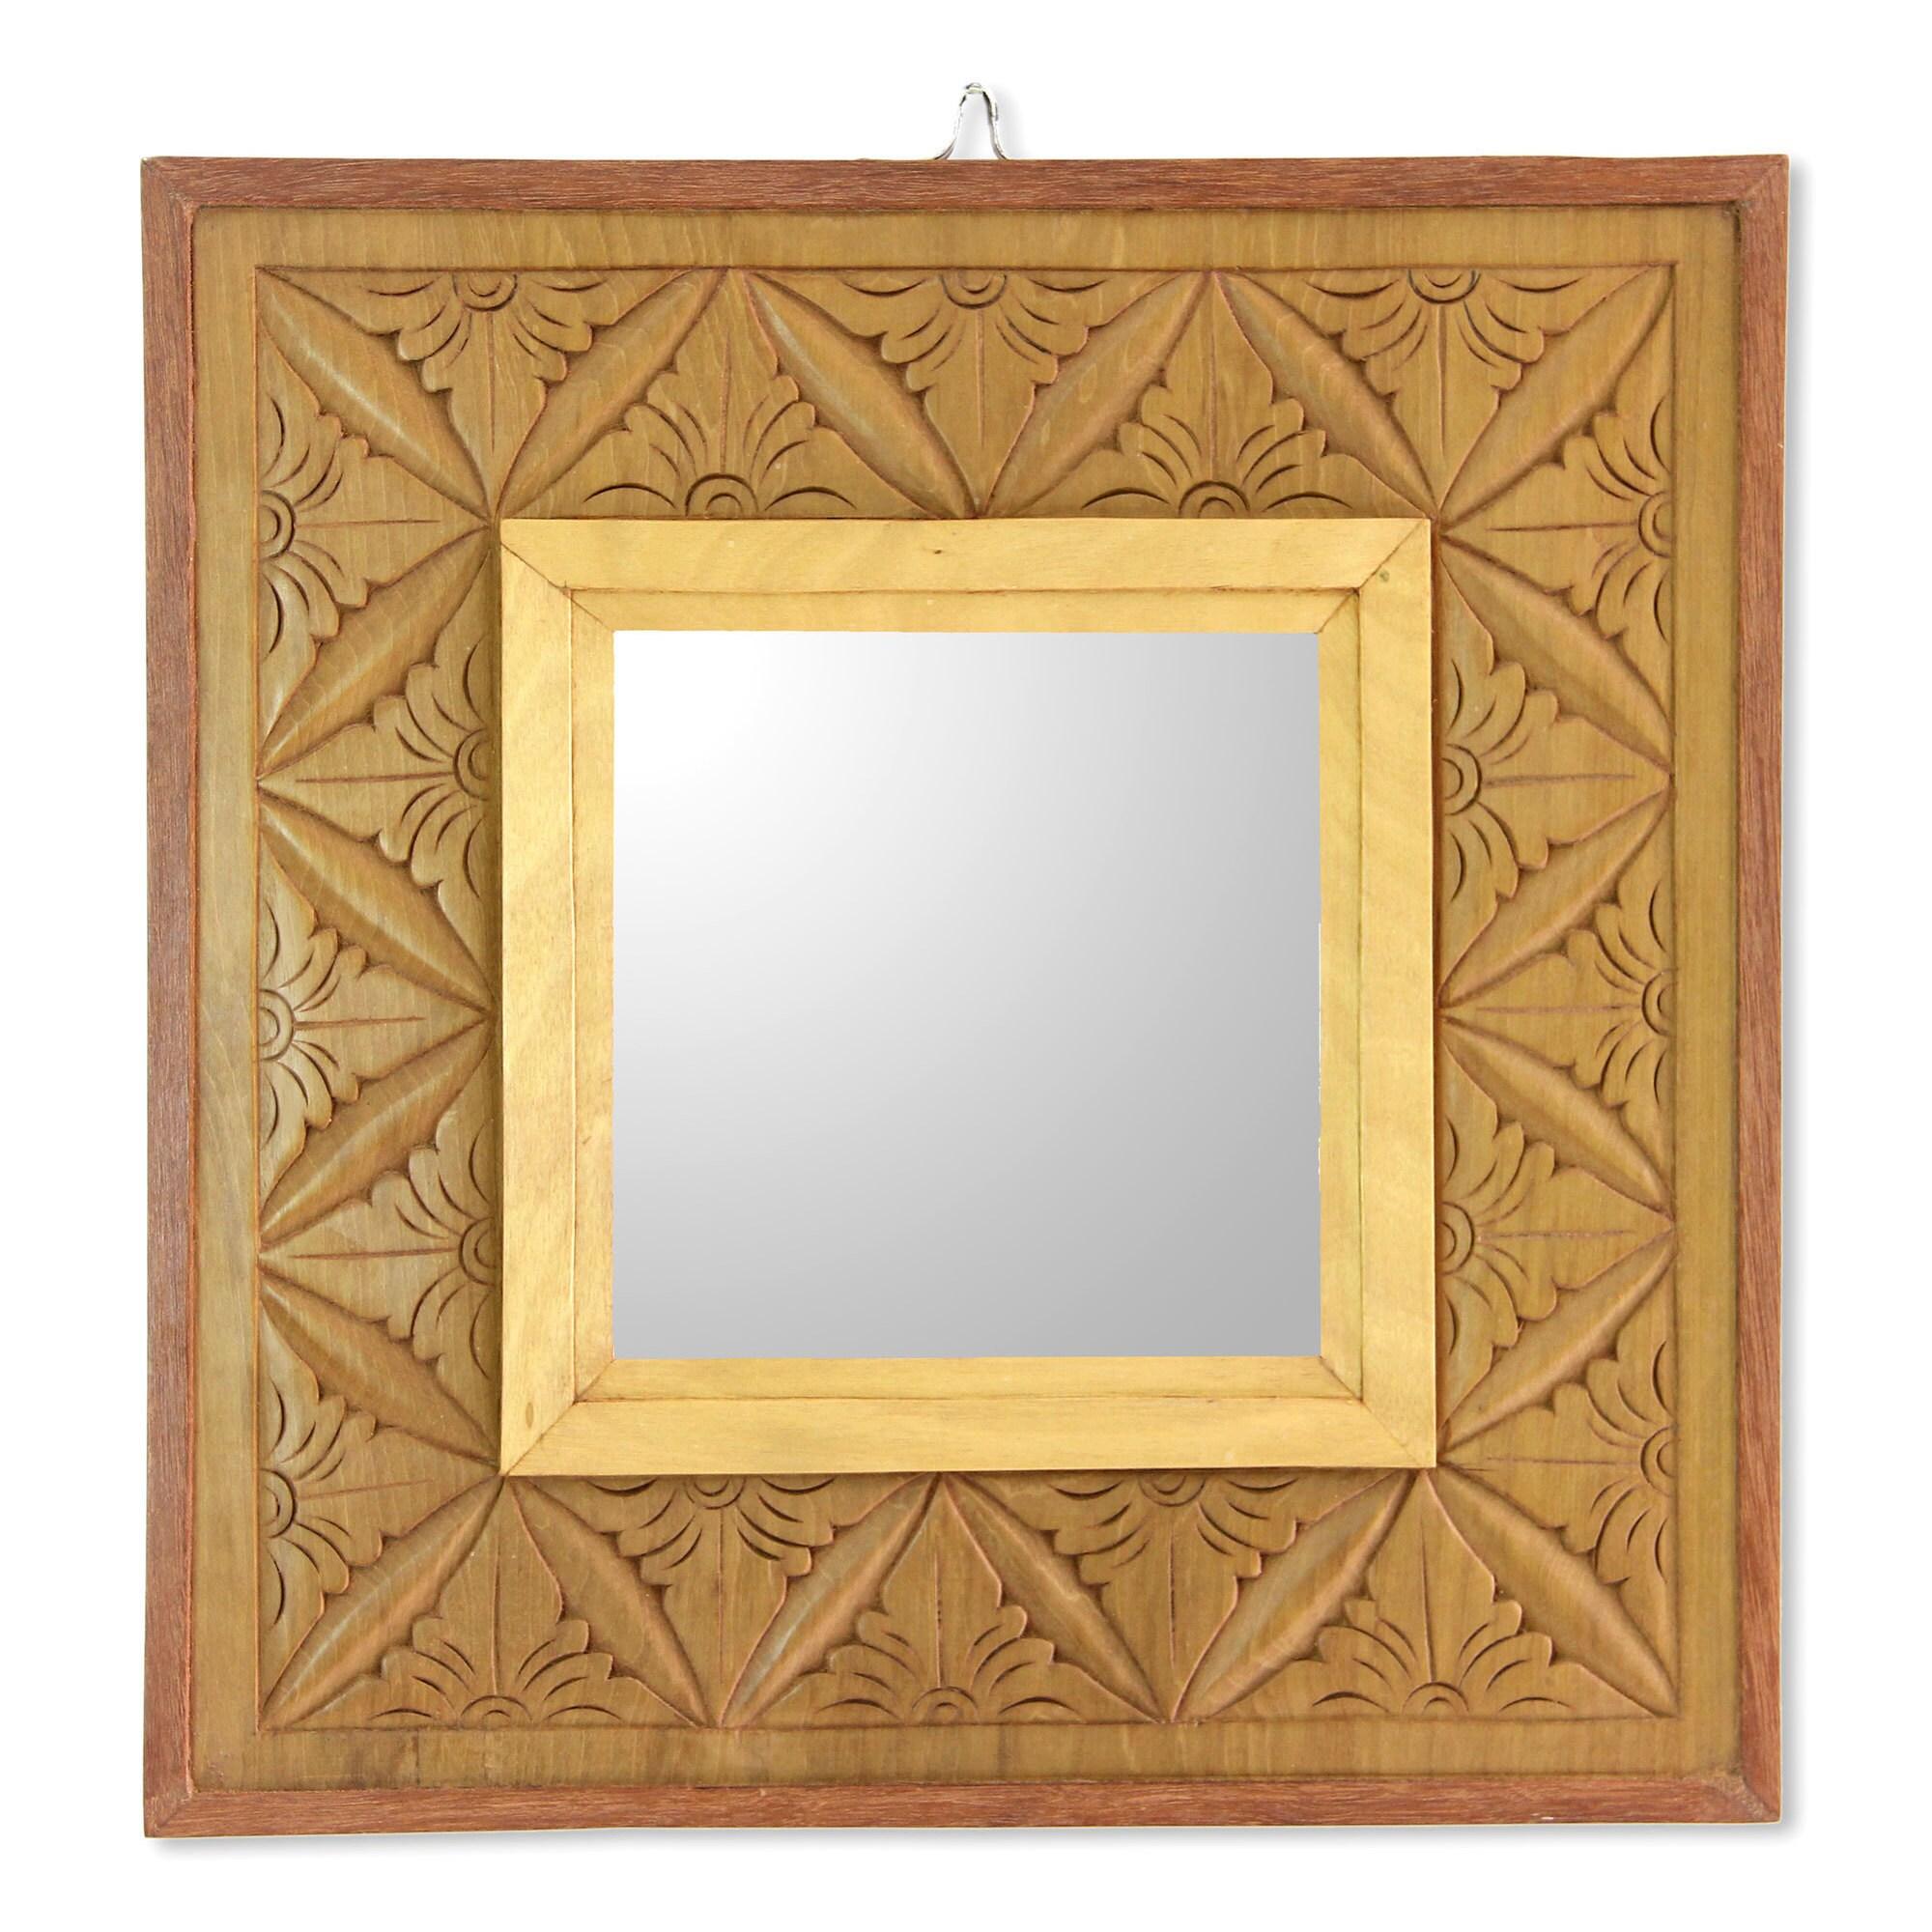 Shop Handmade Cempaka Wood \'Matahari Mosaic\' Relief Panel and Mirror ...